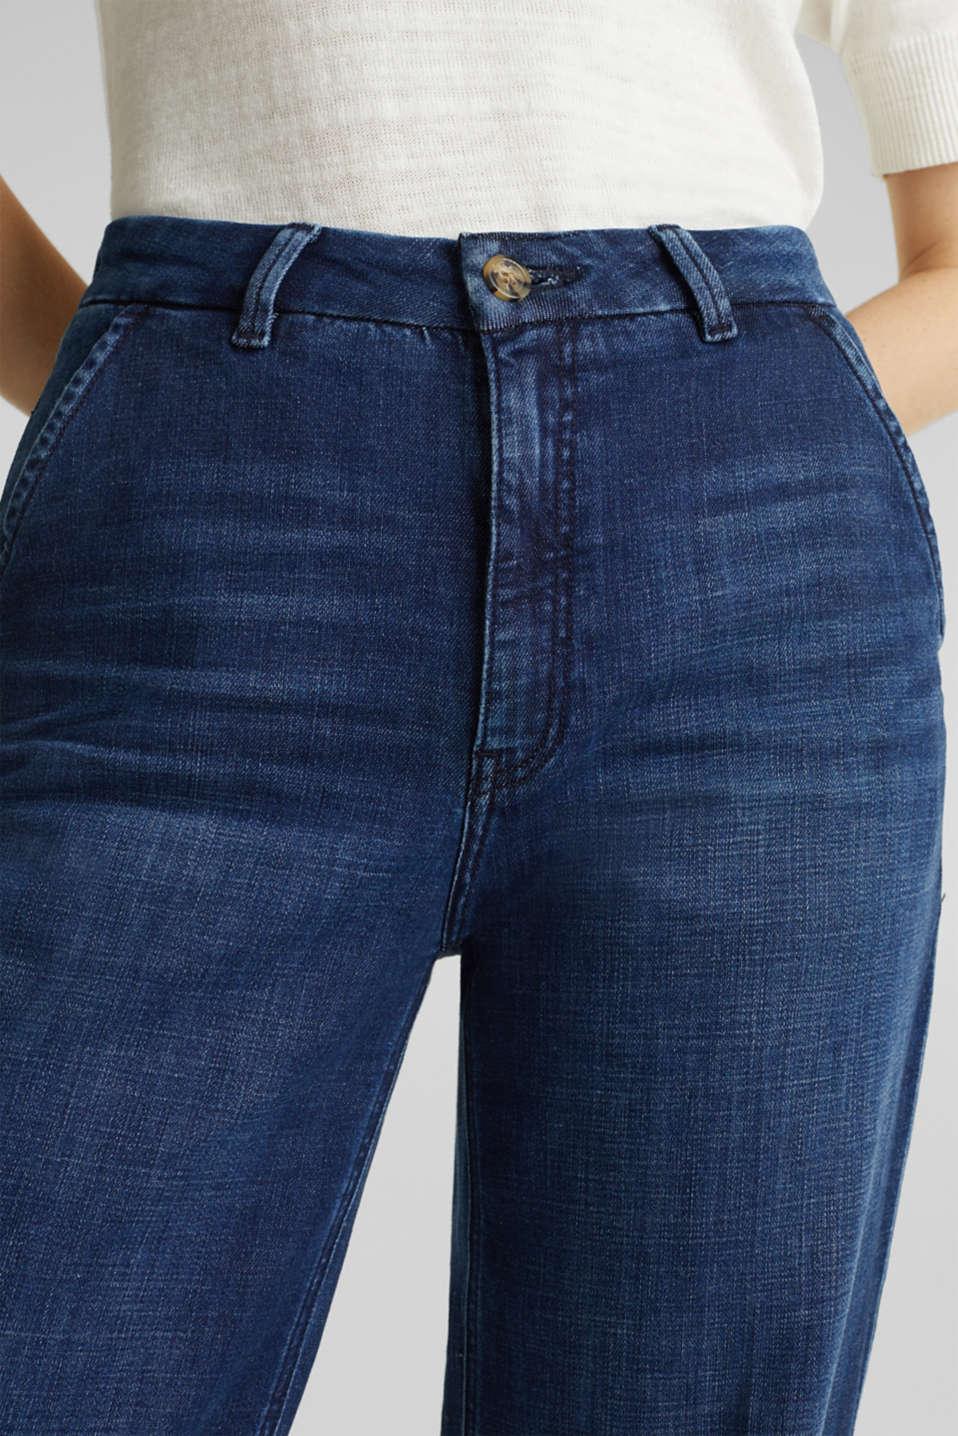 Jeans, BLUE DARK WASH, detail image number 2